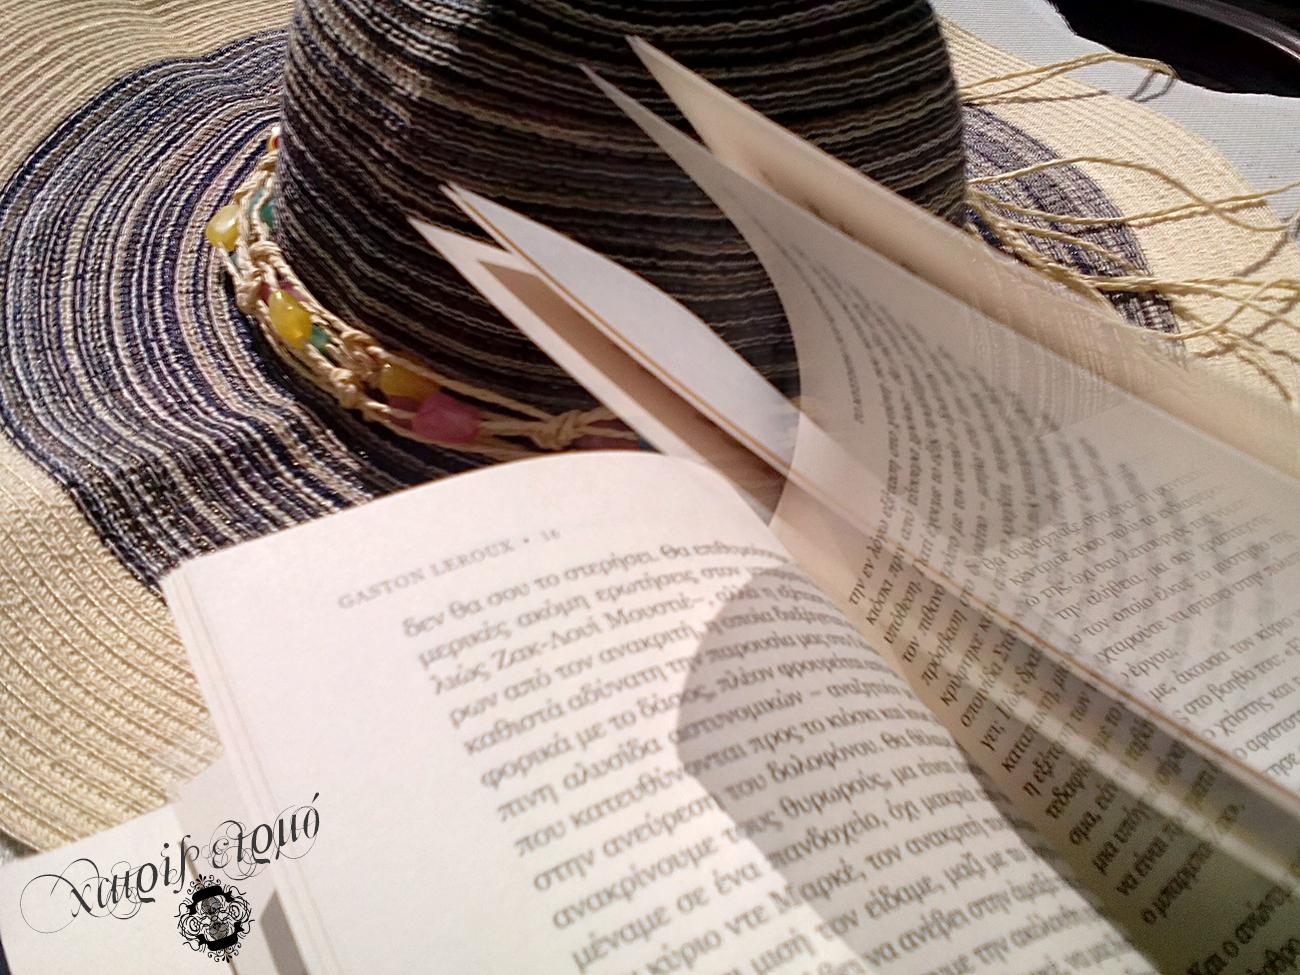 Καπέλο και βιβλίο με κινούμενες σελίδες